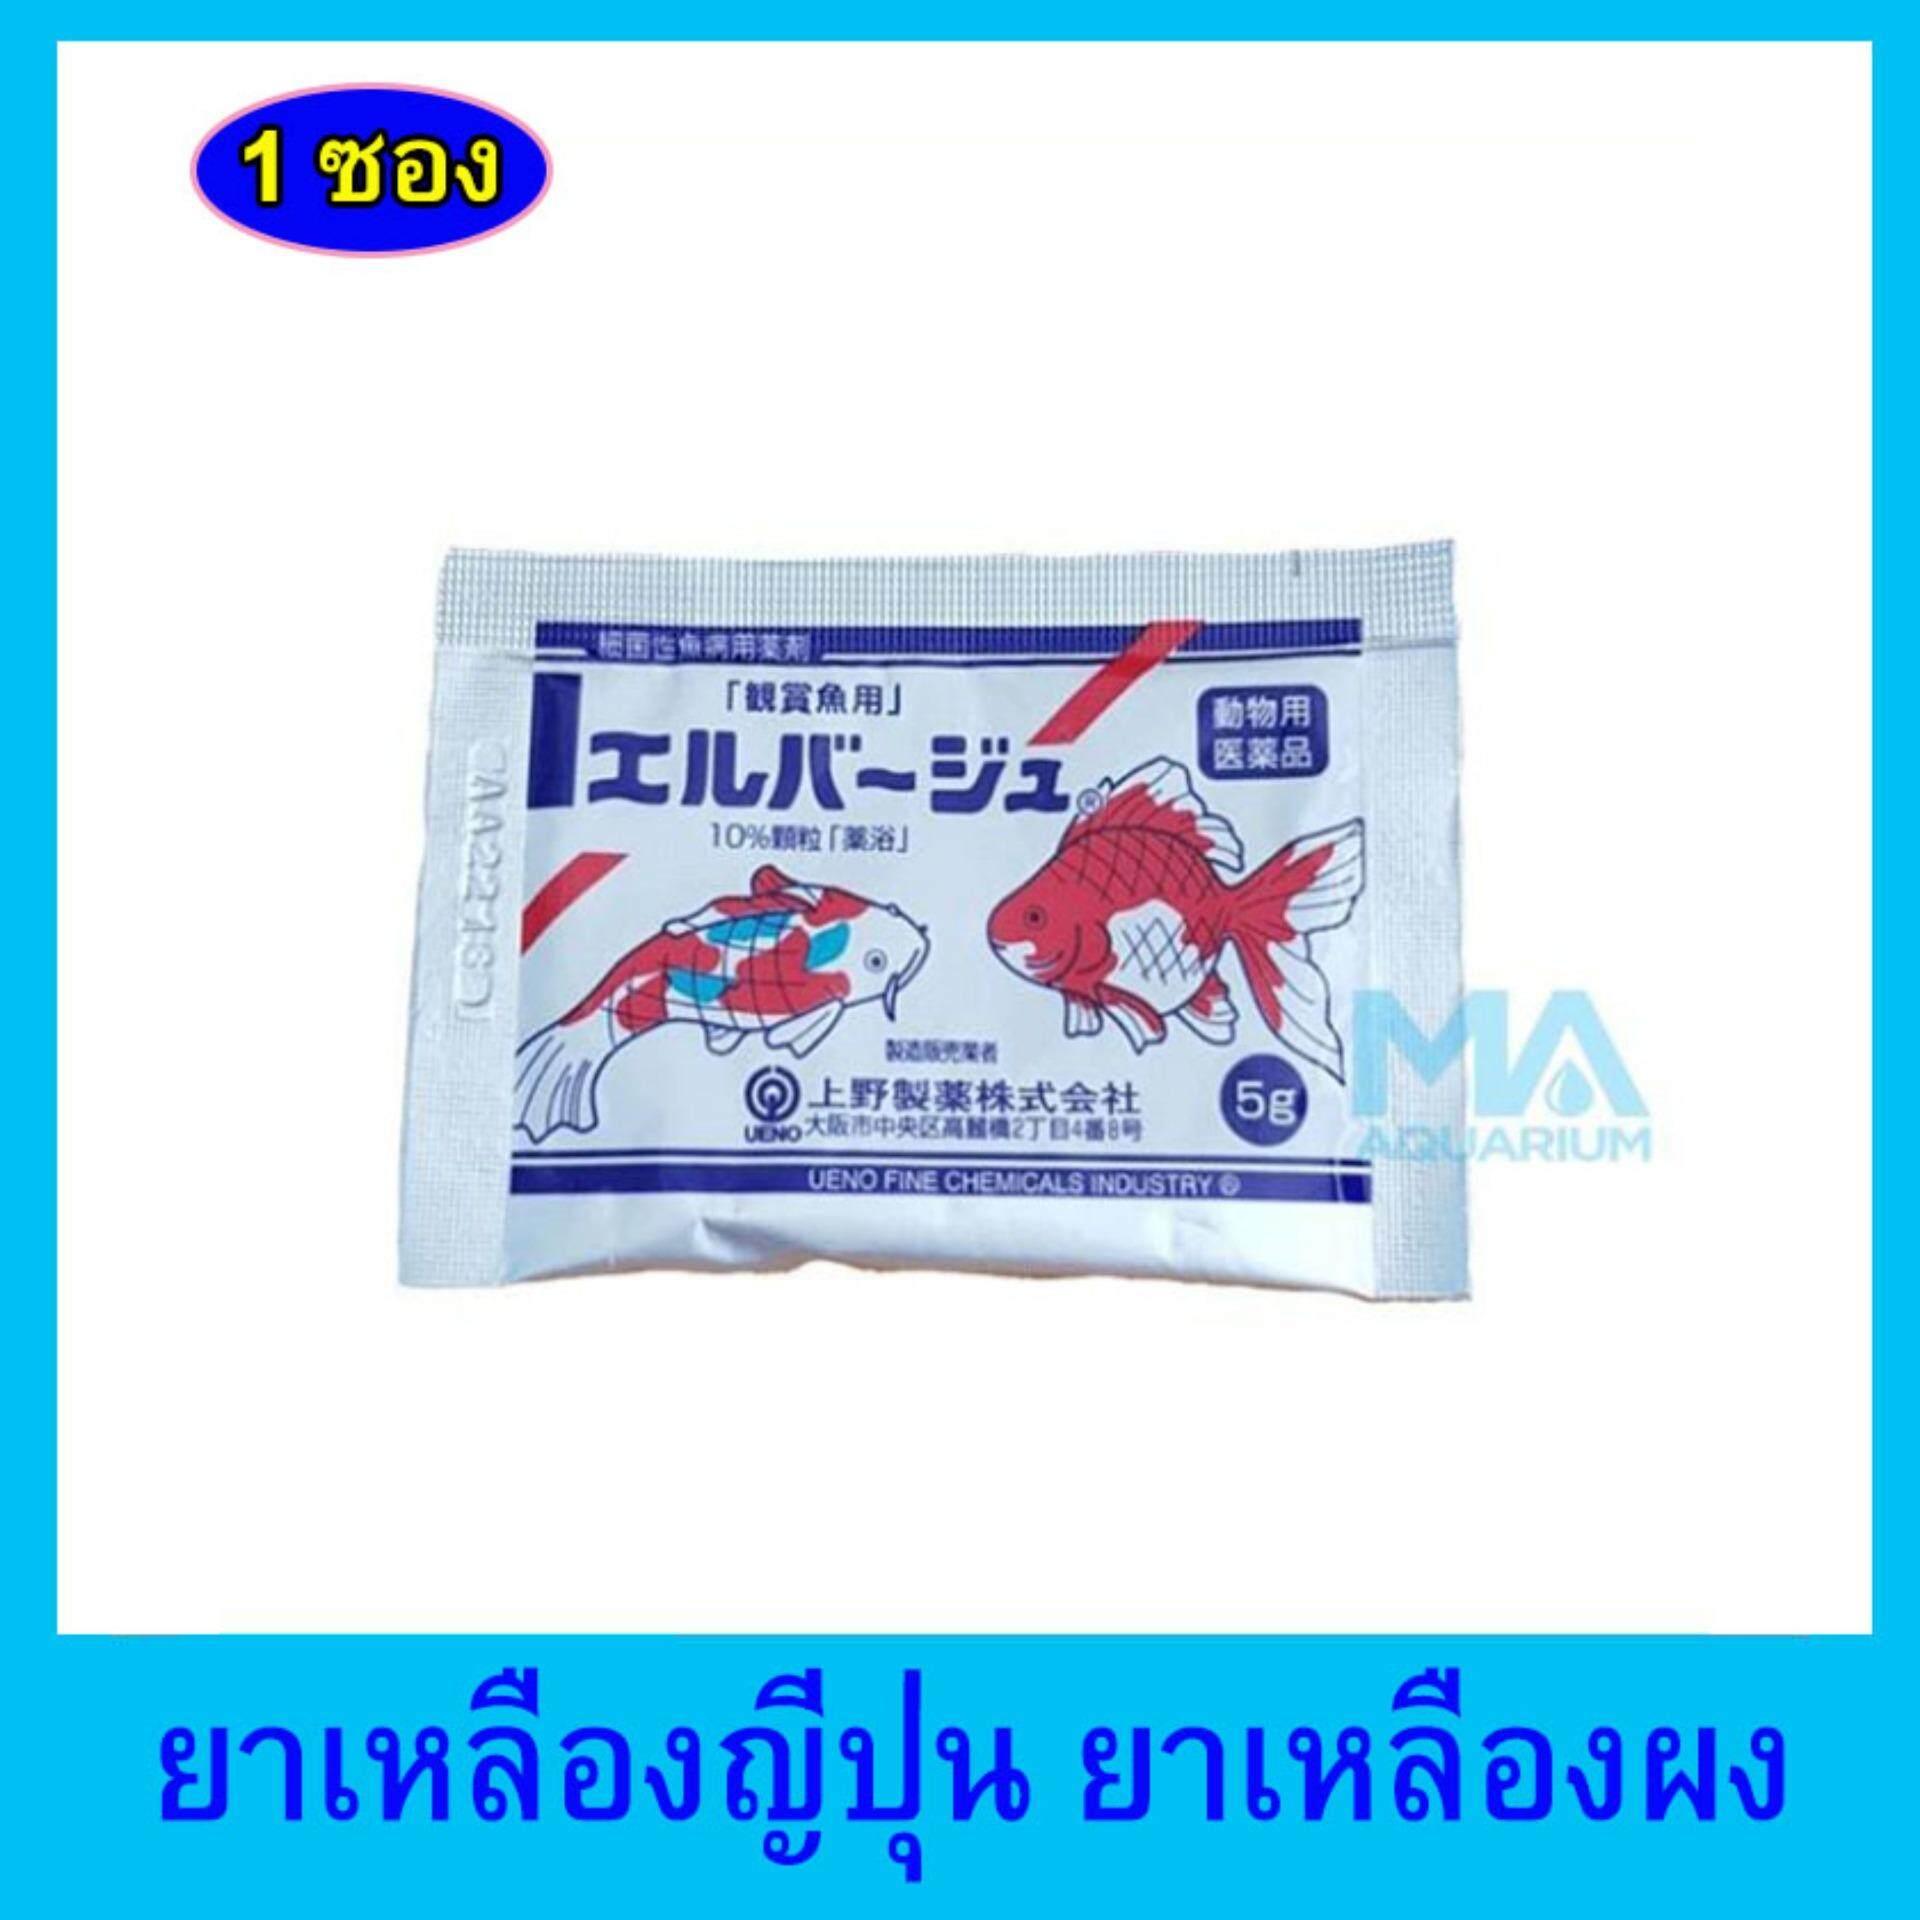 ยาเหลืองญี่ปุ่น ชนิดผง 5 กรัม รักษาโรคเชื้อรา แผลตามตัวปลา และฆ่าเชื้อโรค x 1 ซอง